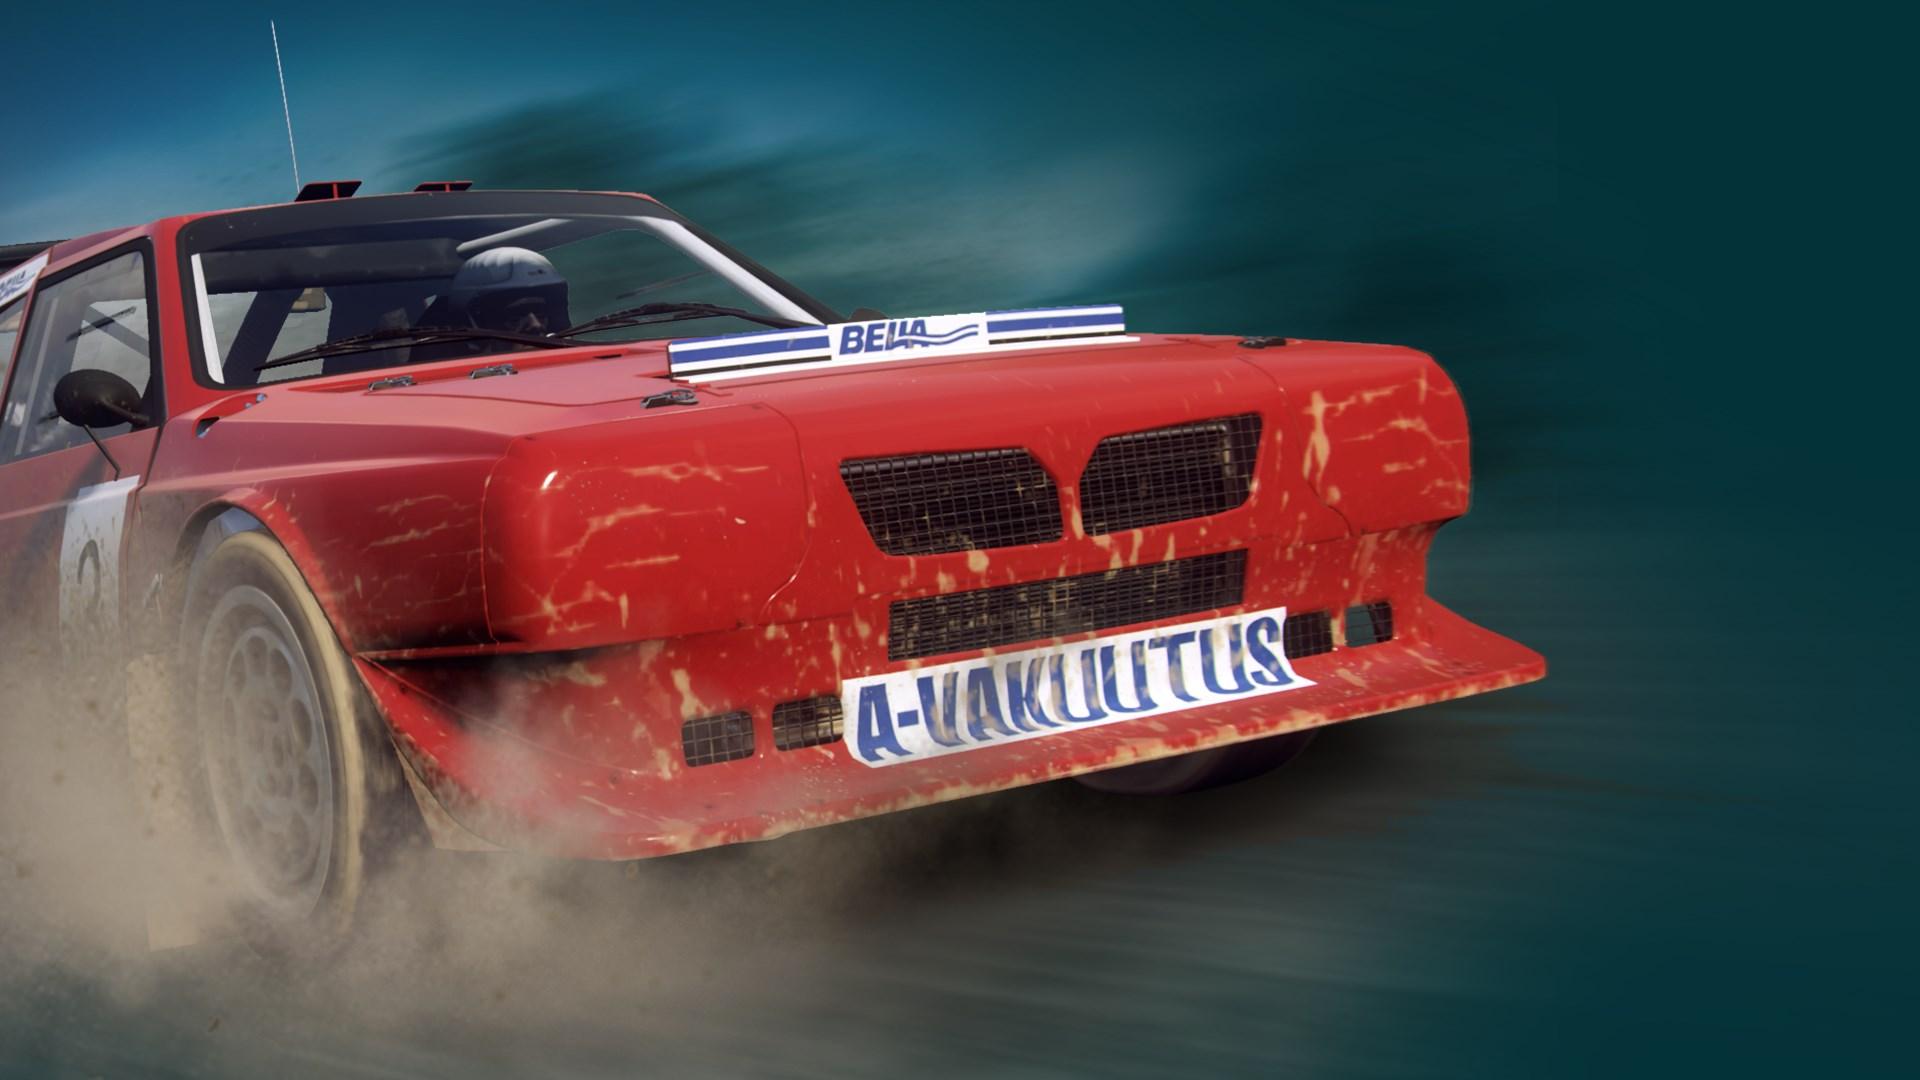 WS - Lancia Delta S4 Rallycross